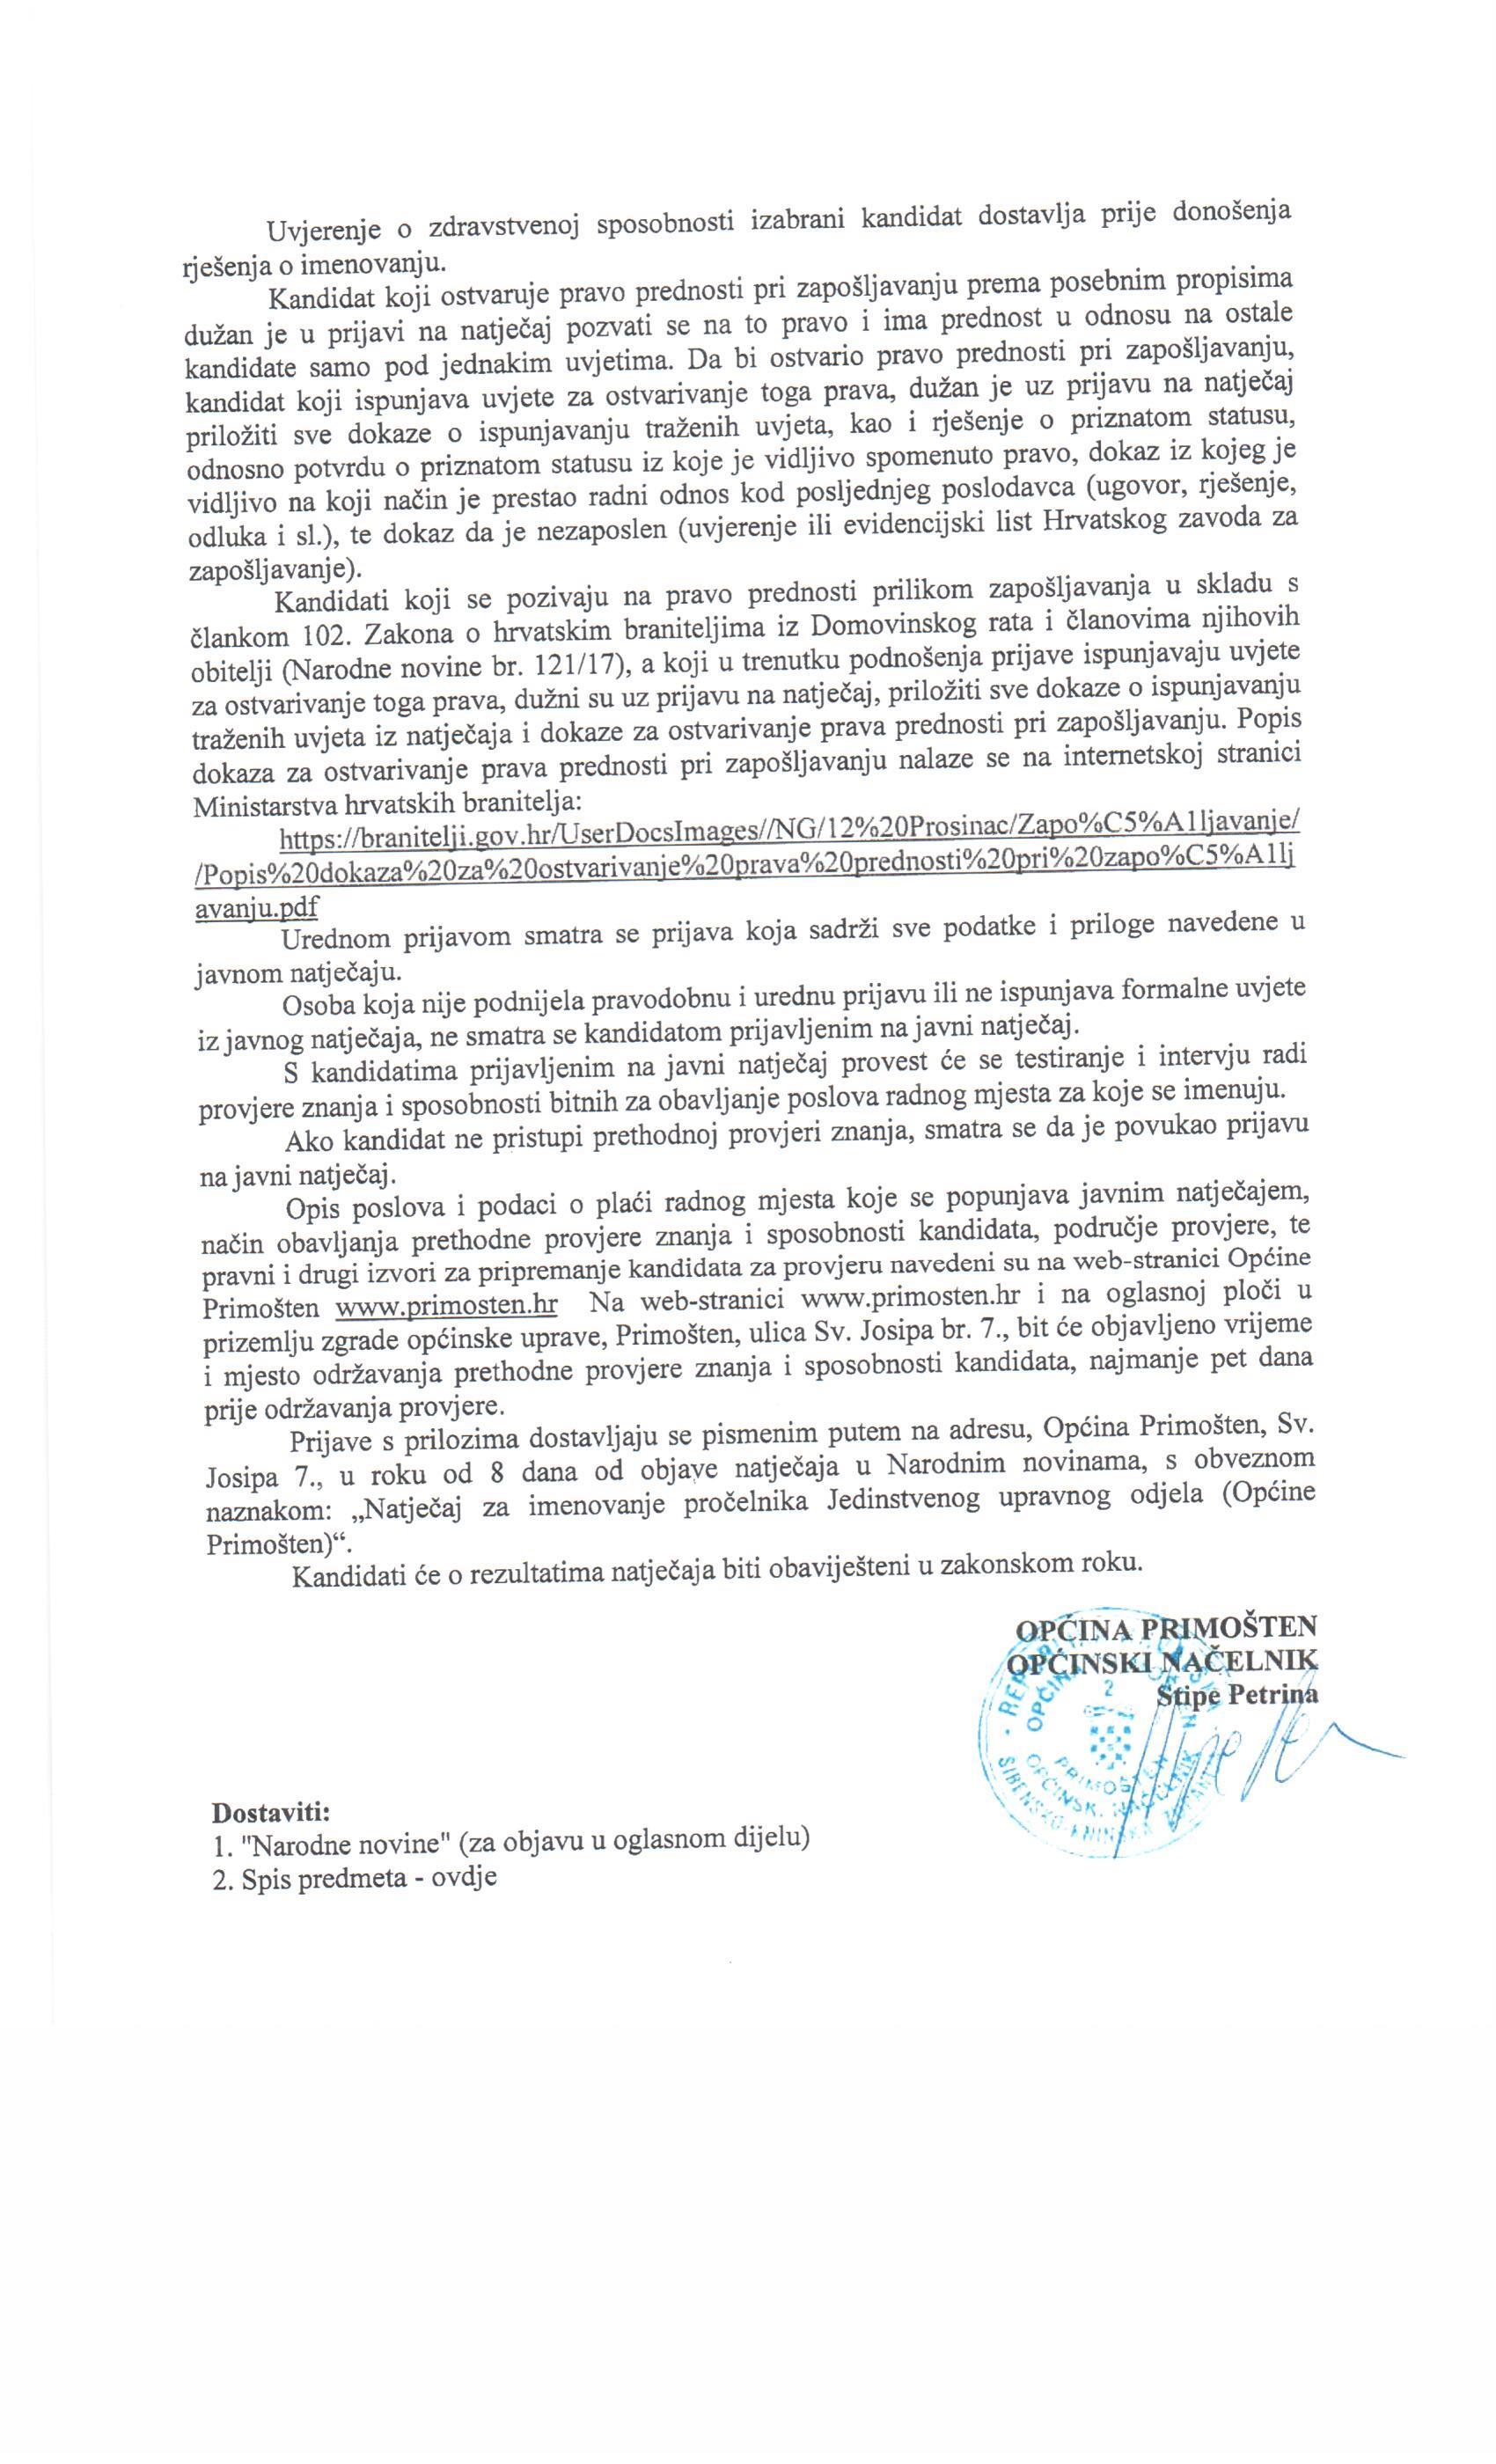 prijem_u_sluzbu_procelnik0002